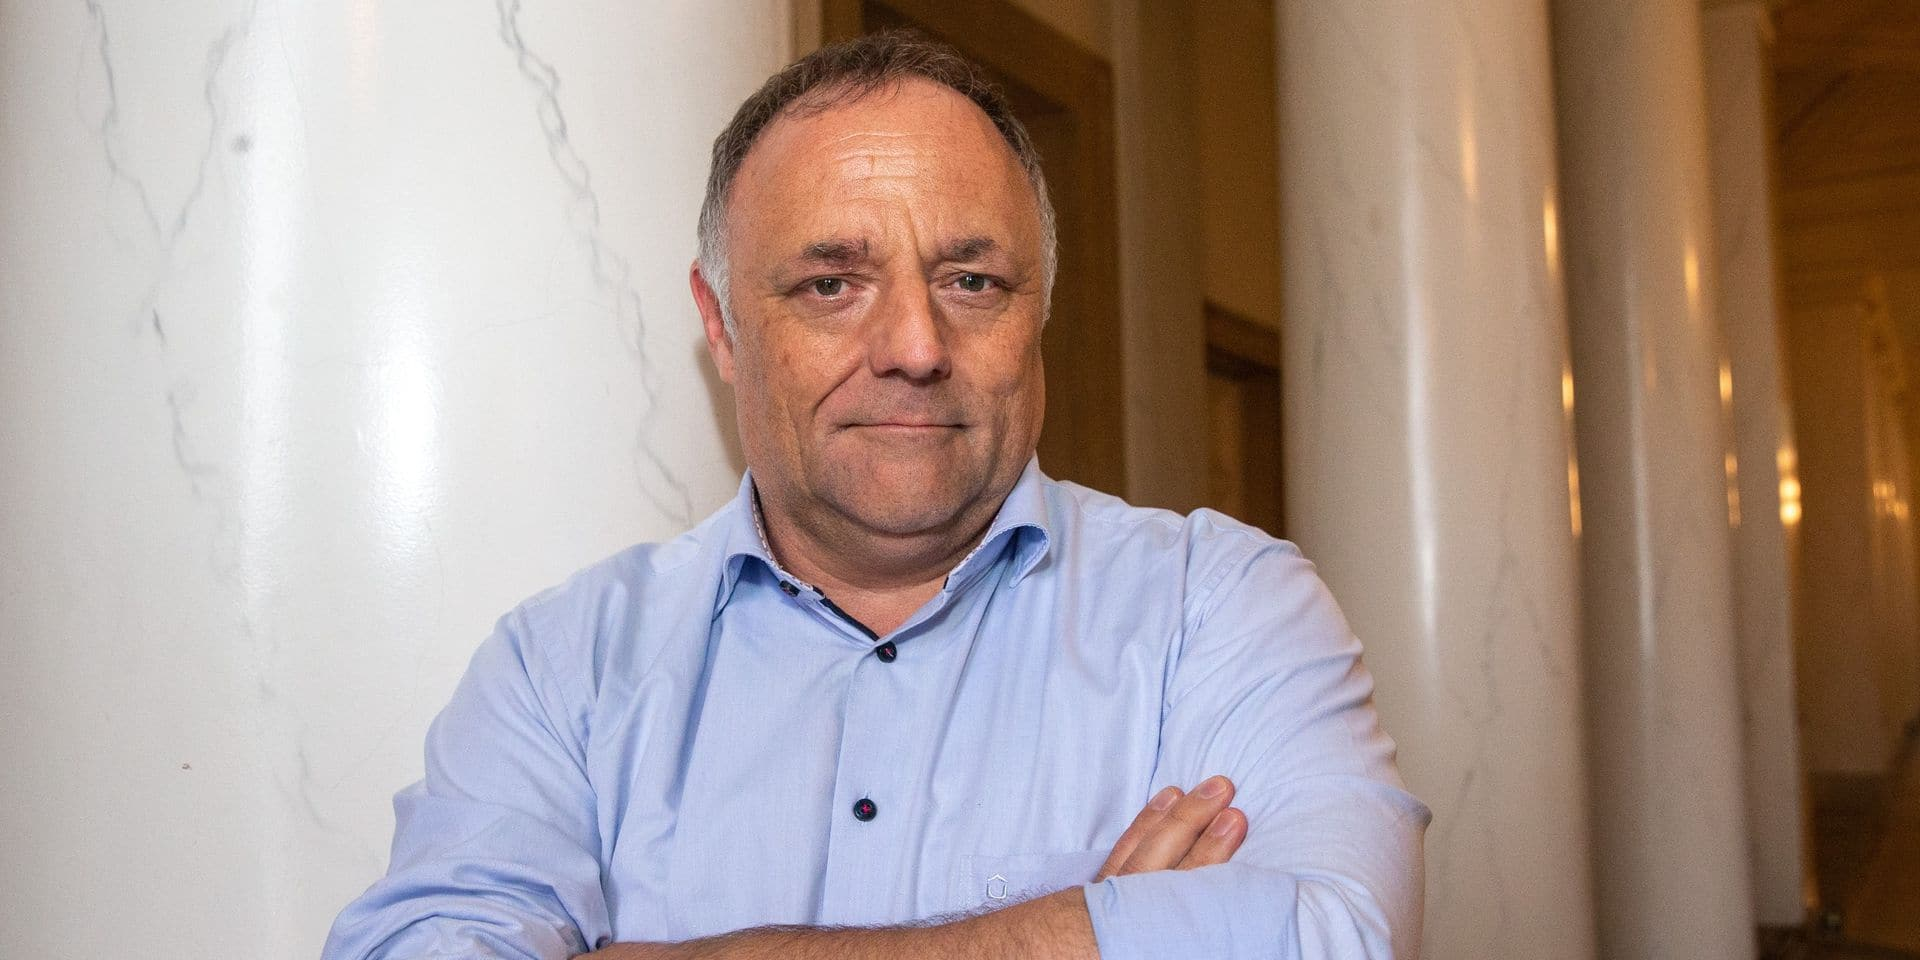 """A bientôt 56 ans, Marc Van Ranst se fait injecter le vaccin AstraZeneca: """"Il est très sûr et très efficace"""""""